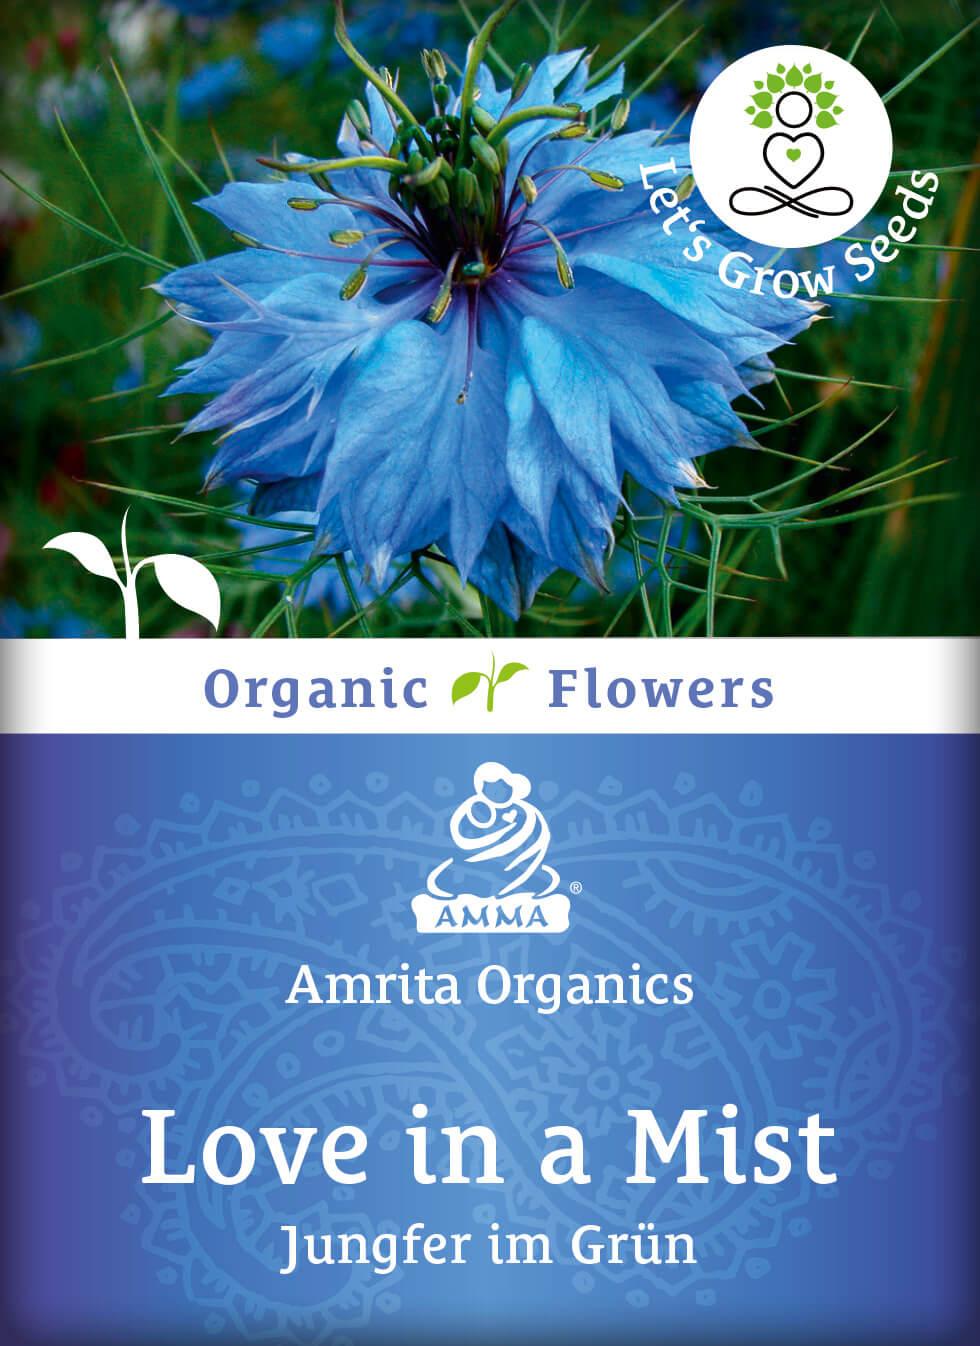 Love in a Mist, organic